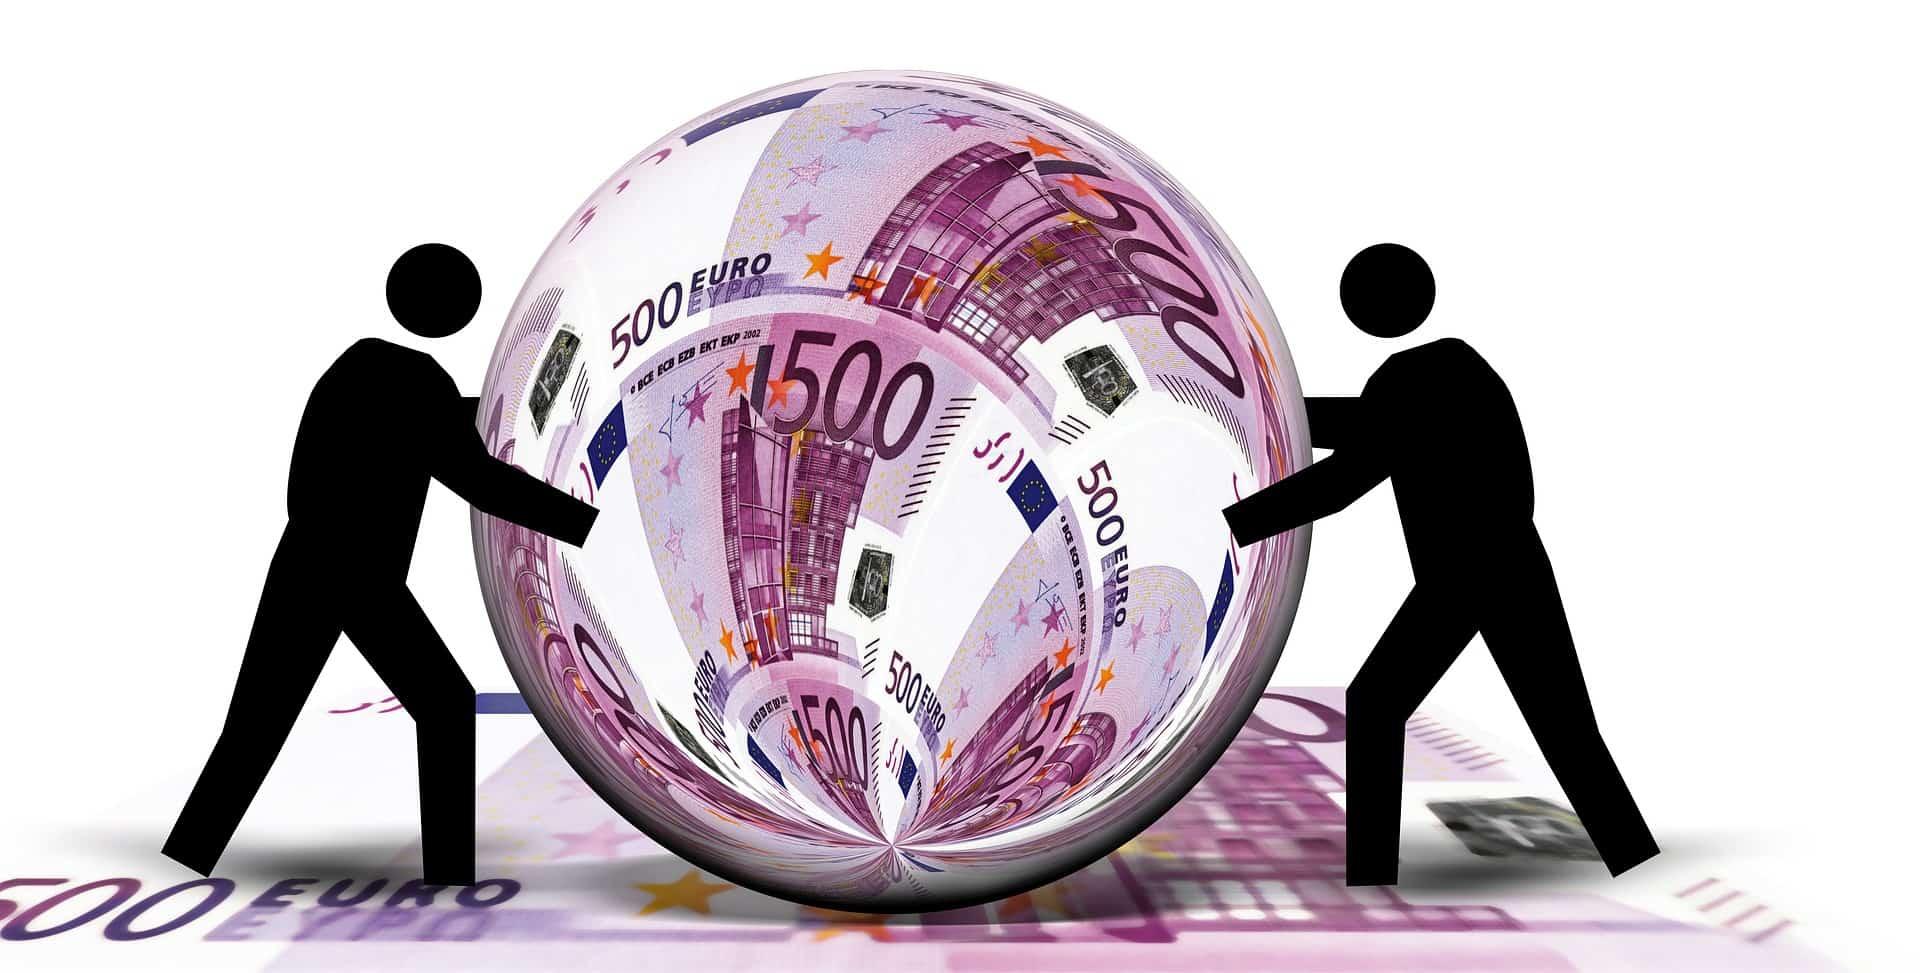 London Fintech Meniga Raises €7.5 million